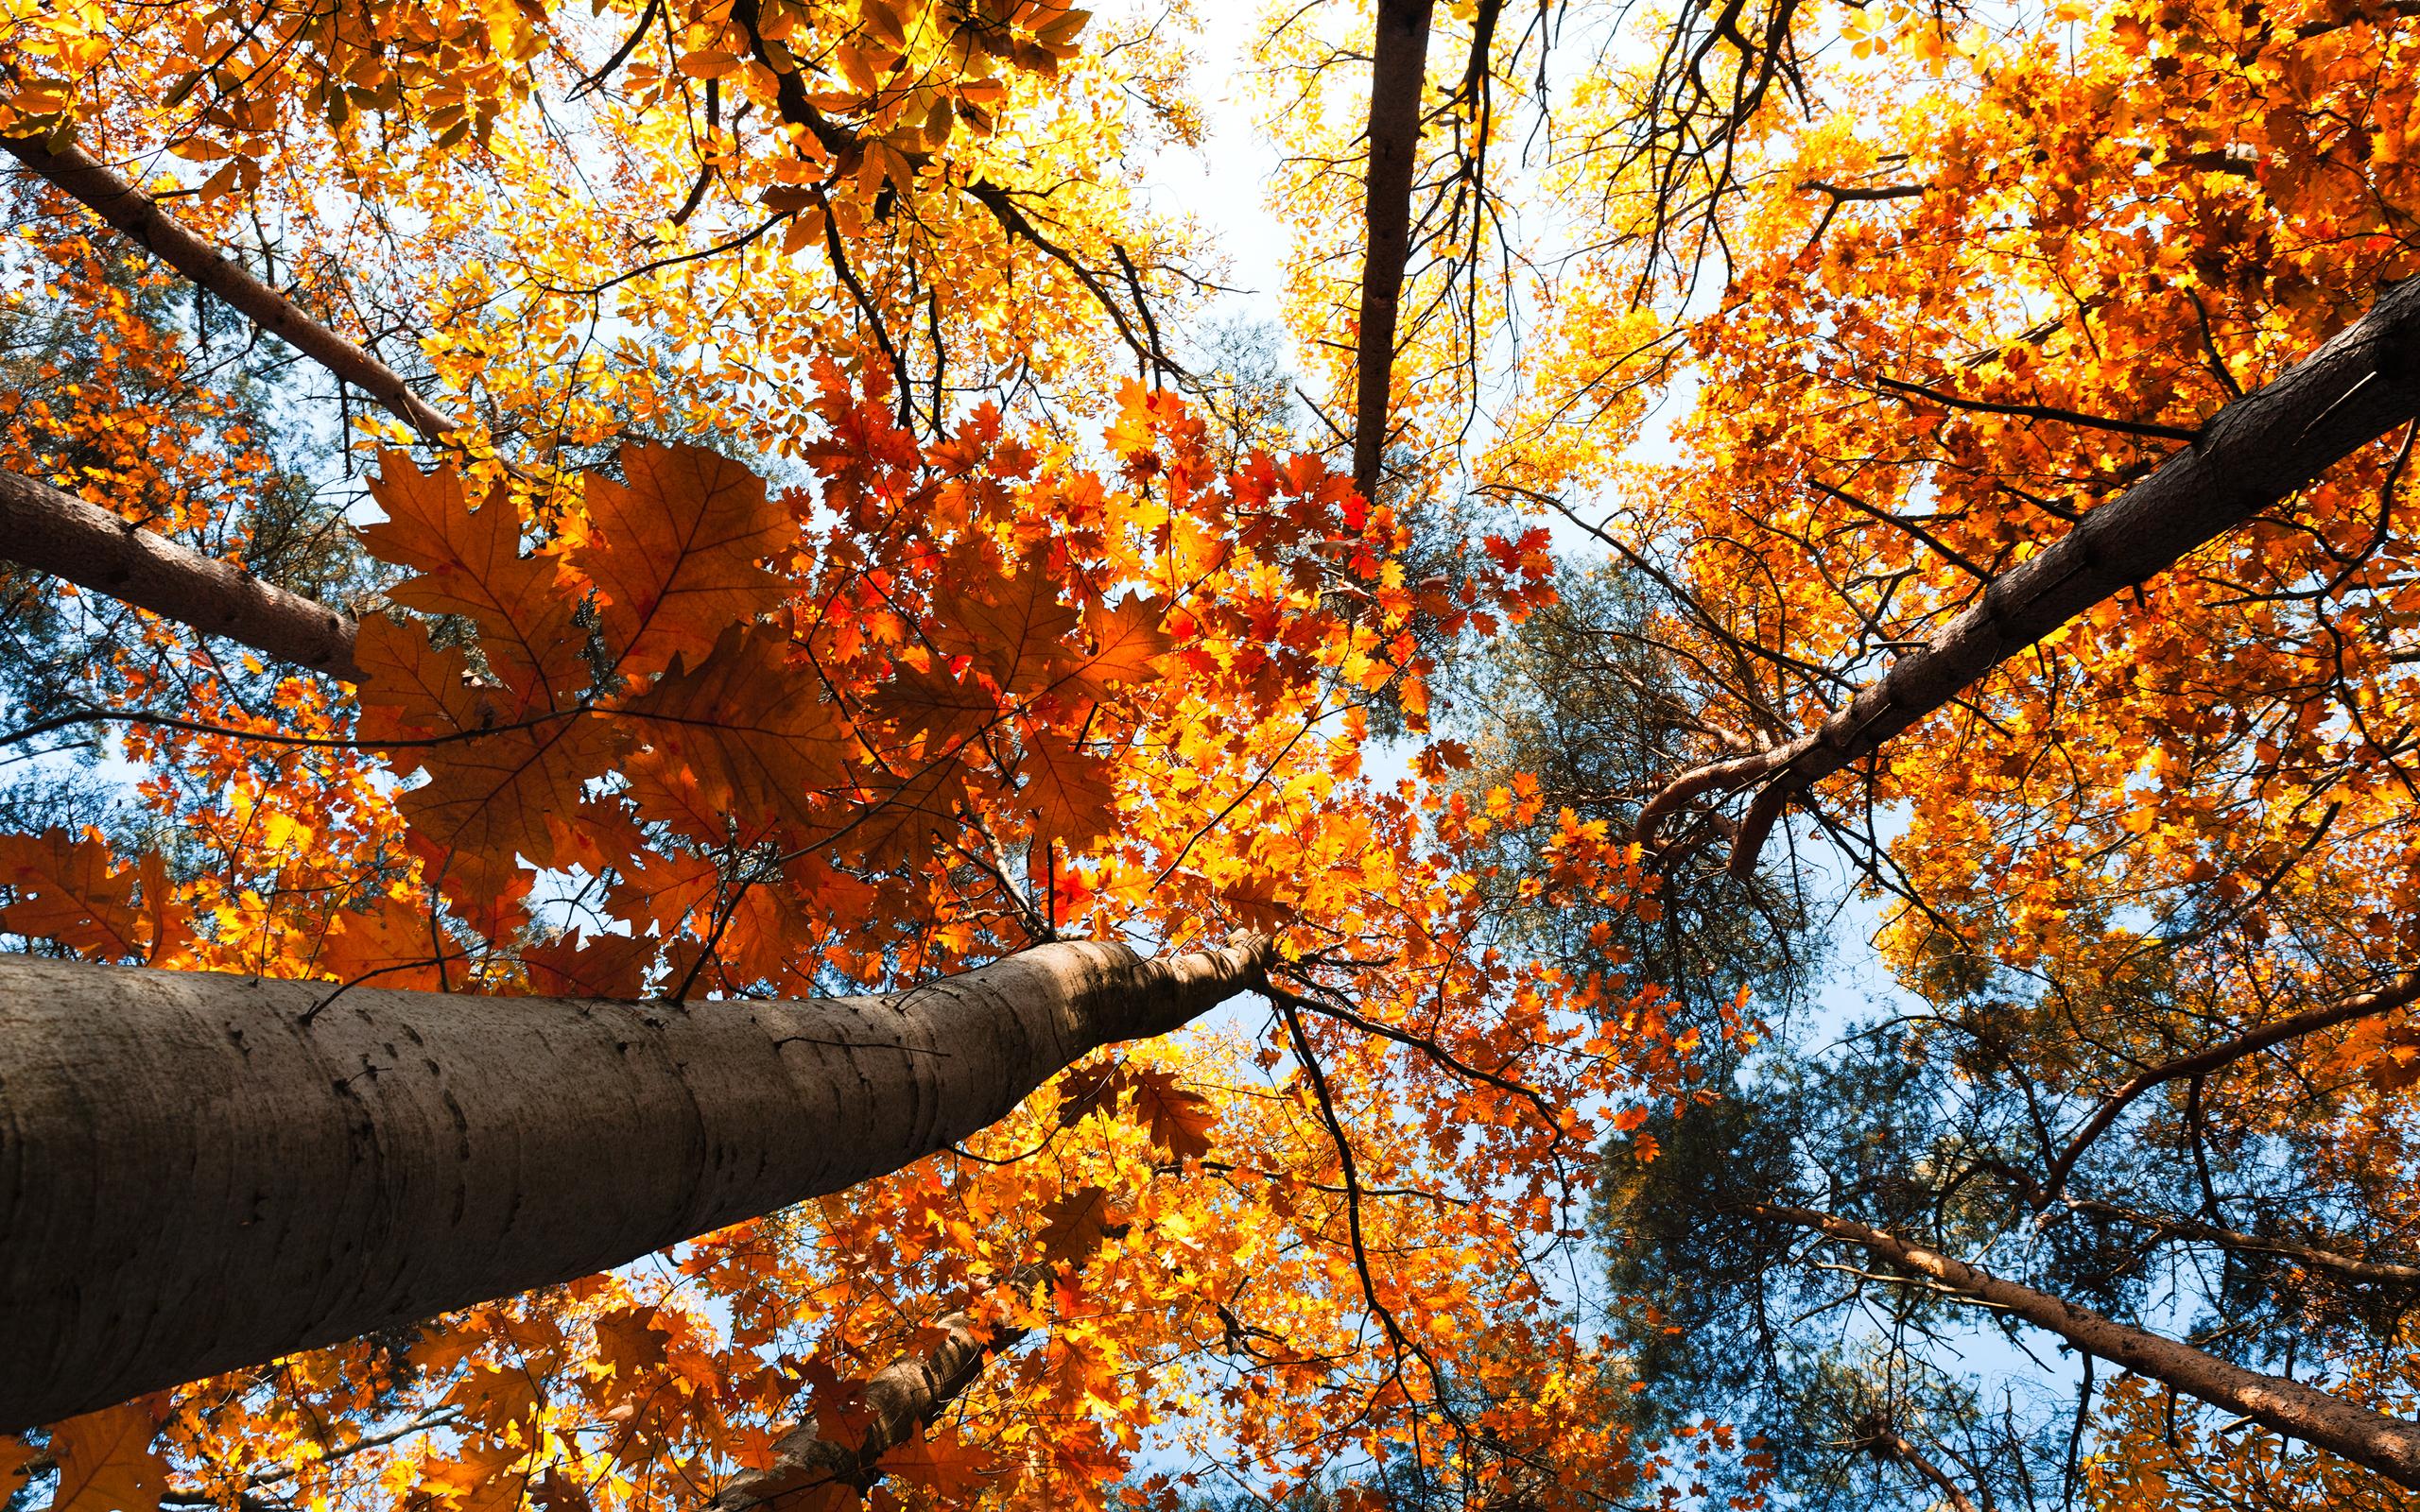 осень листья дерево autumn leaves tree без смс